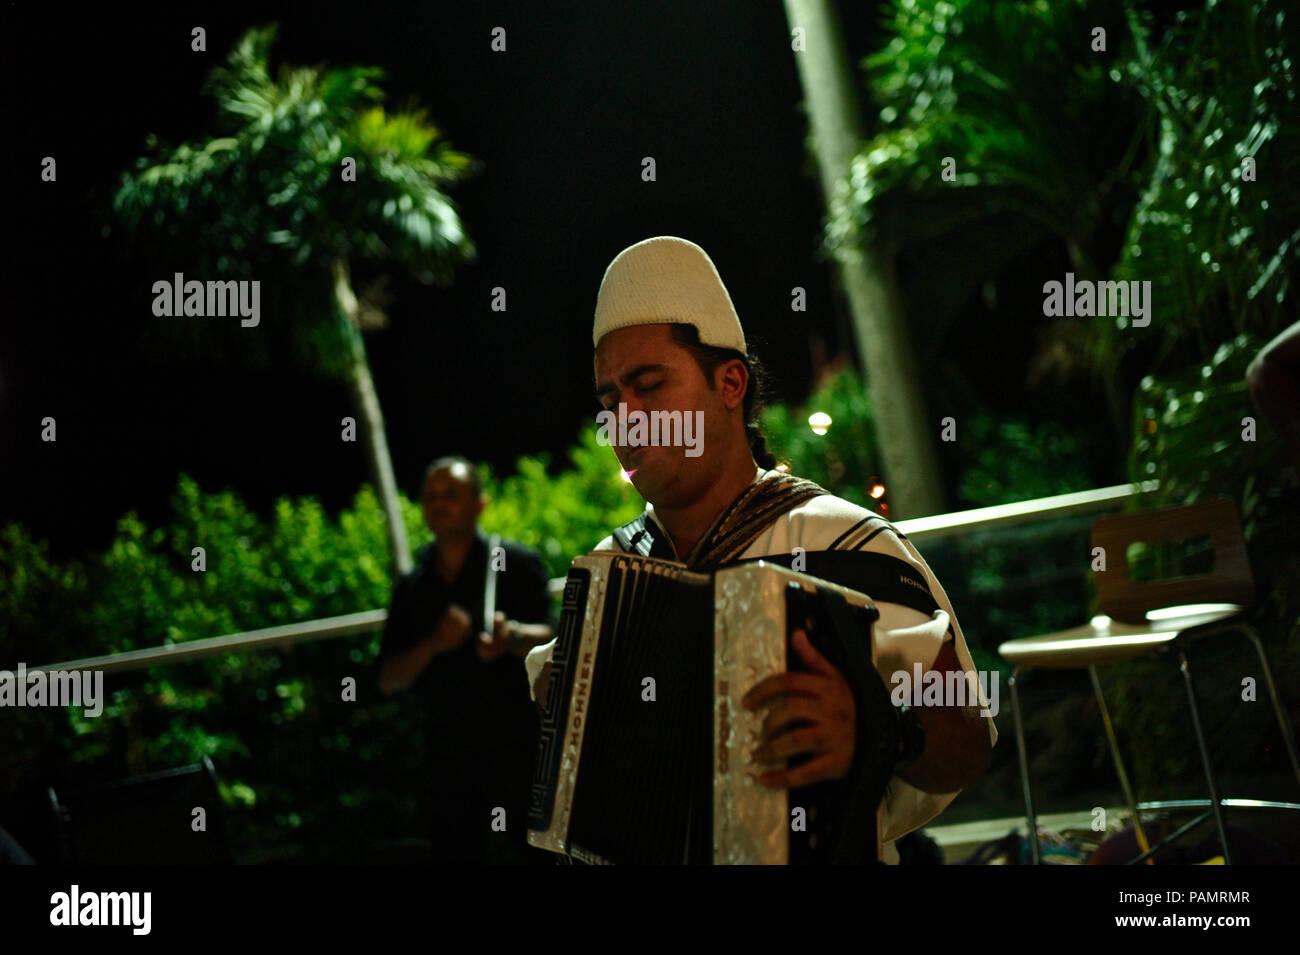 Parranda con indígenas arhuacos cantante y compositor vallenato Rivardo Villafañe Foto de stock